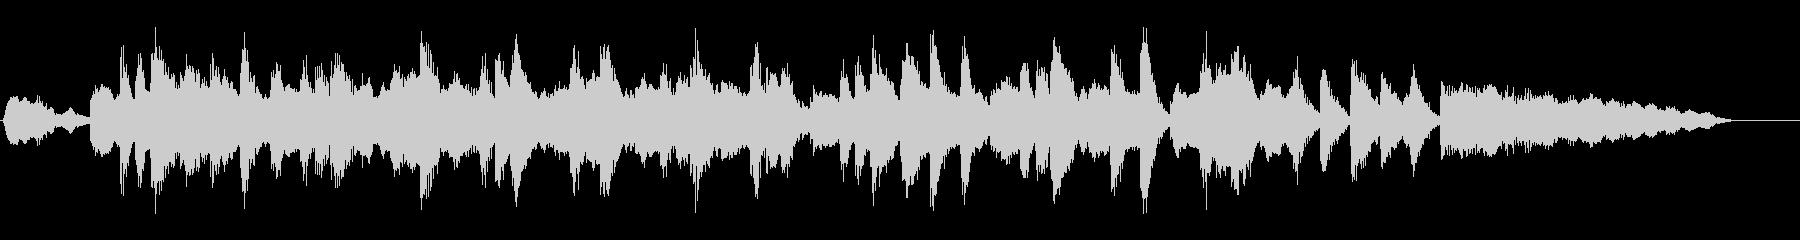 ジングル|軽快なお昼の雰囲気-管弦楽器の未再生の波形